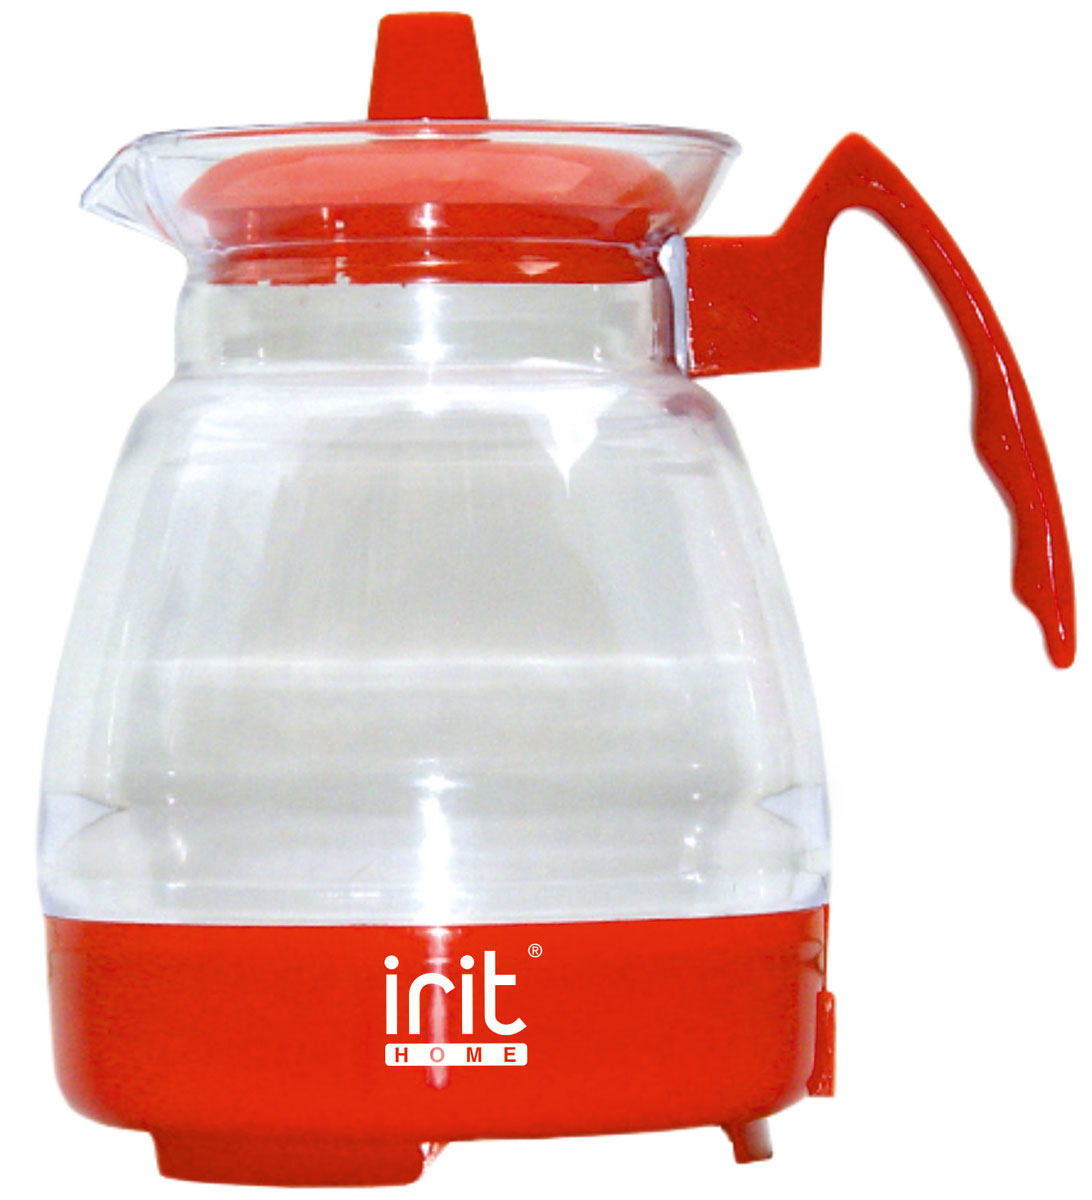 Irit IR-1123 электрический чайник чайник irit ir 1314 1500 вт зелёный 1 8 л нержавеющая сталь